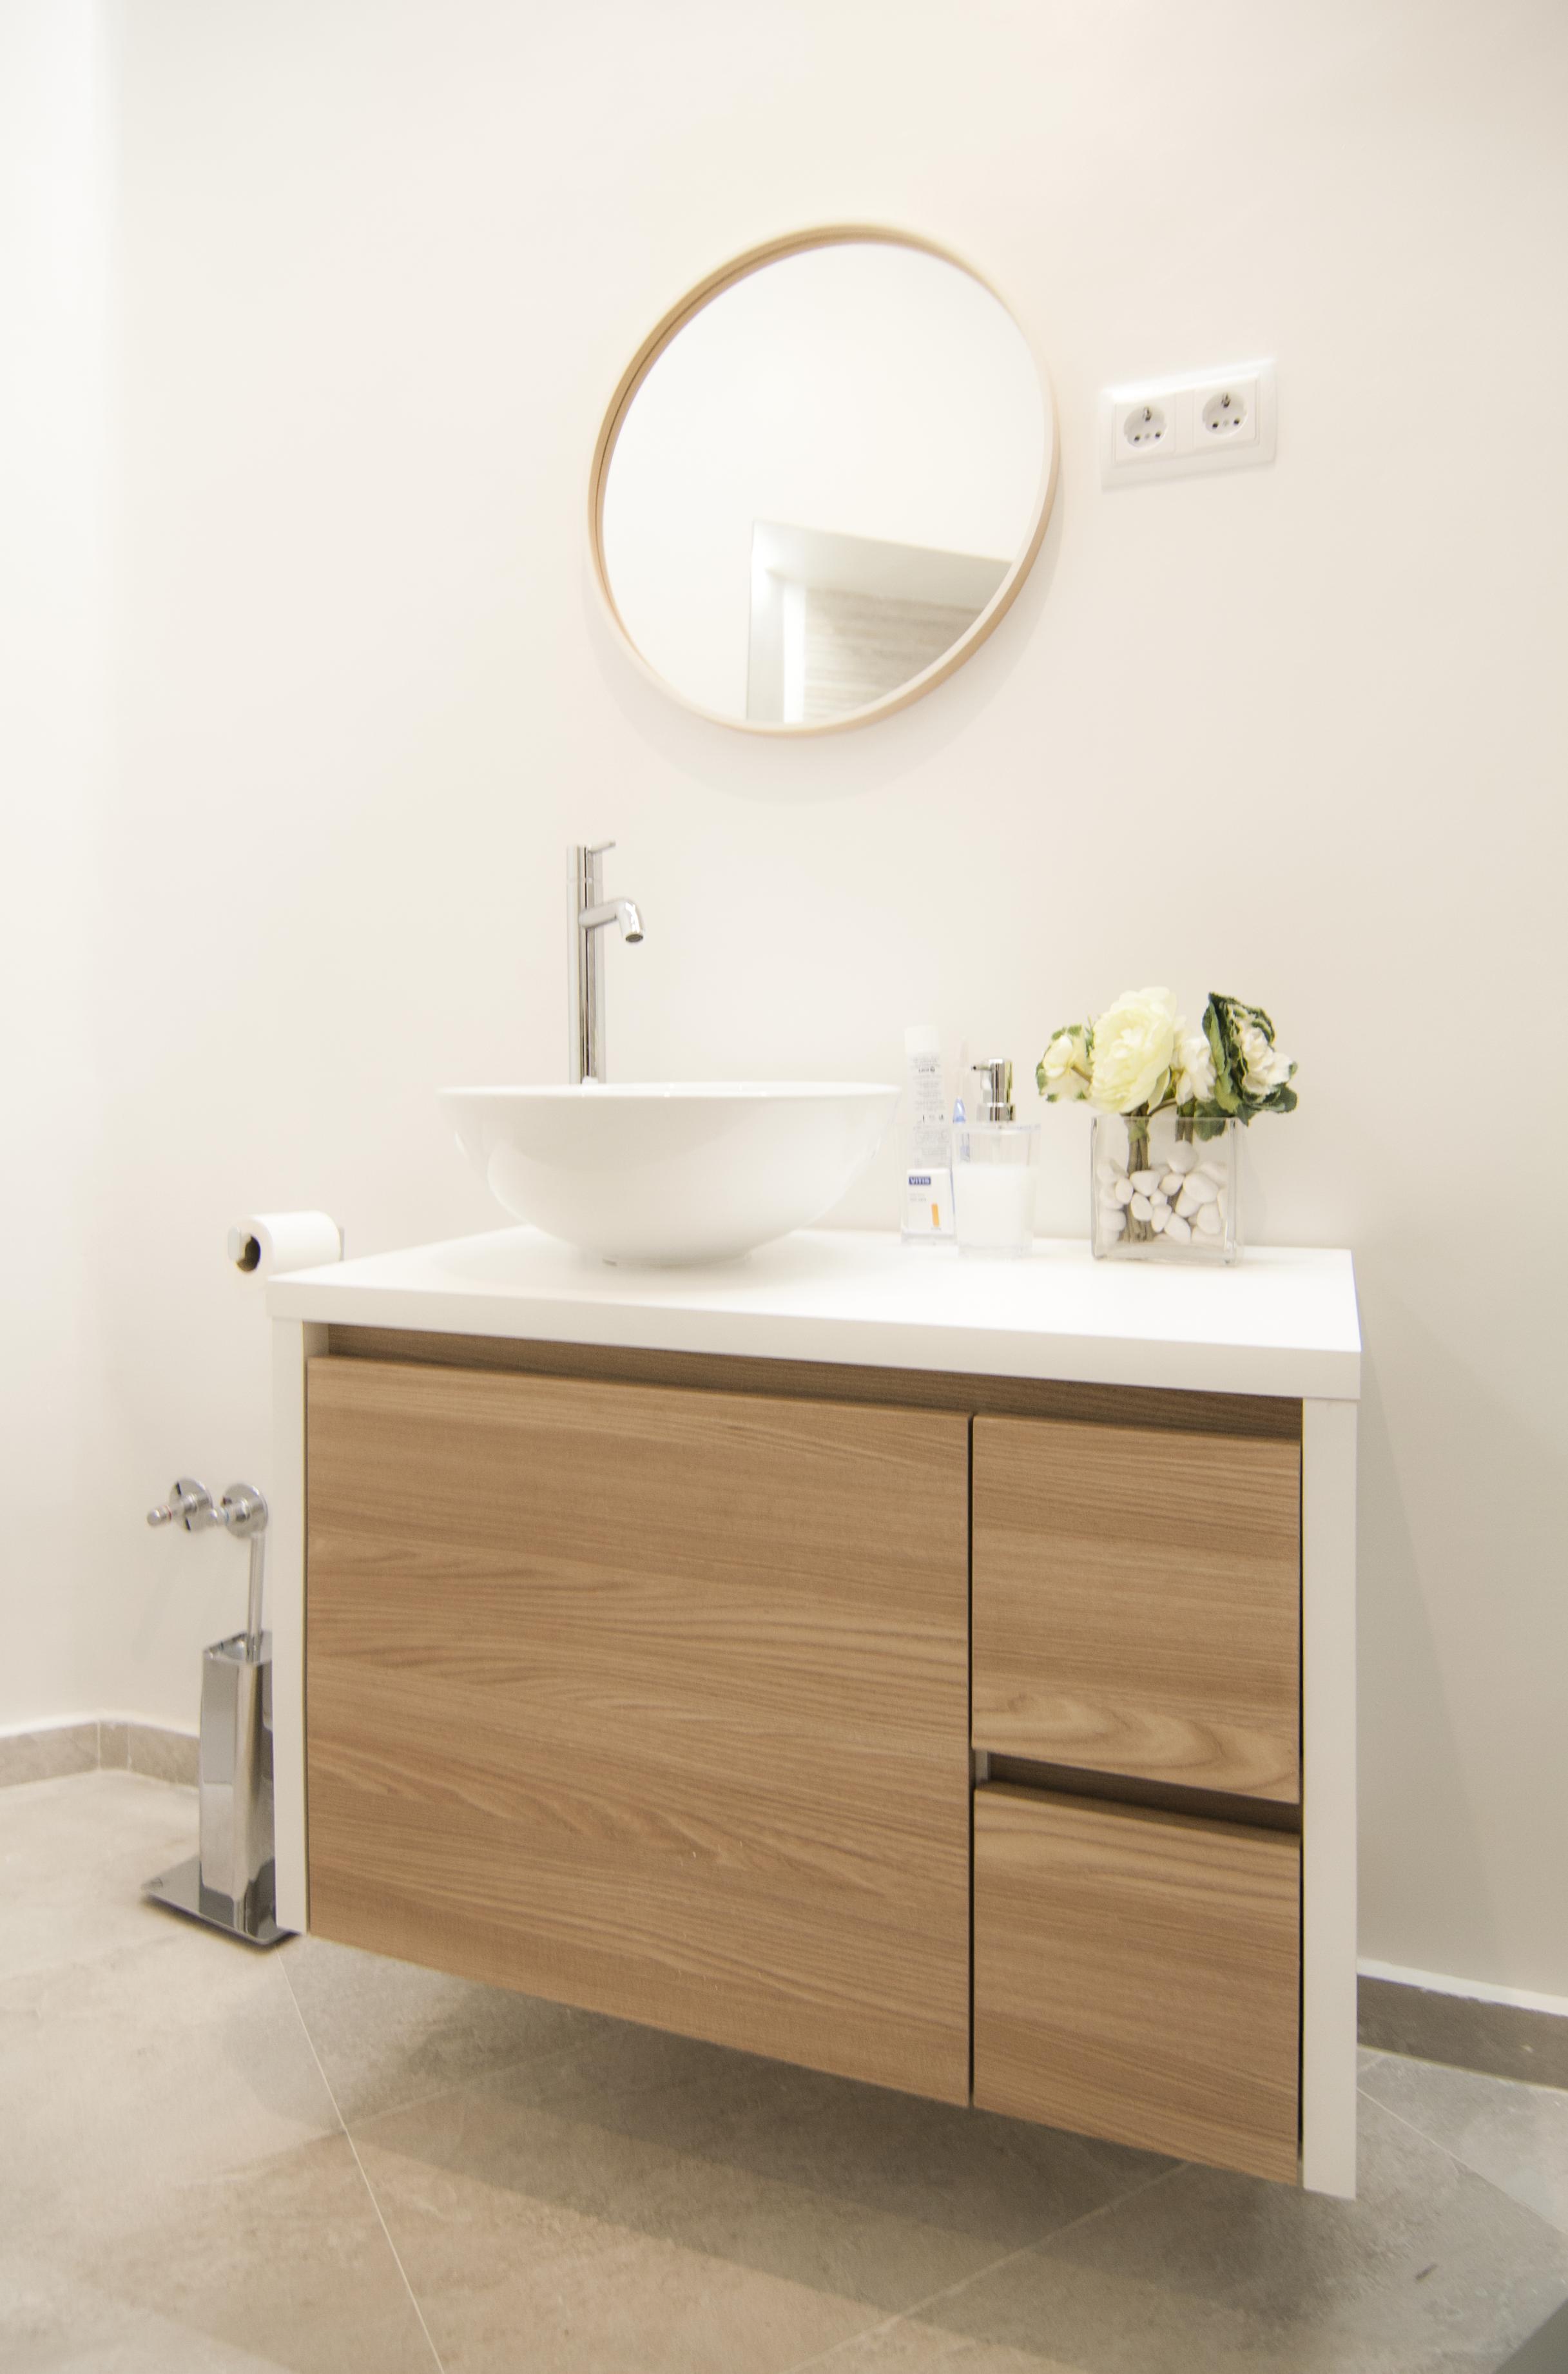 emmme studio_el nuevo baño de m y lola - mueble lavabo espejo.png